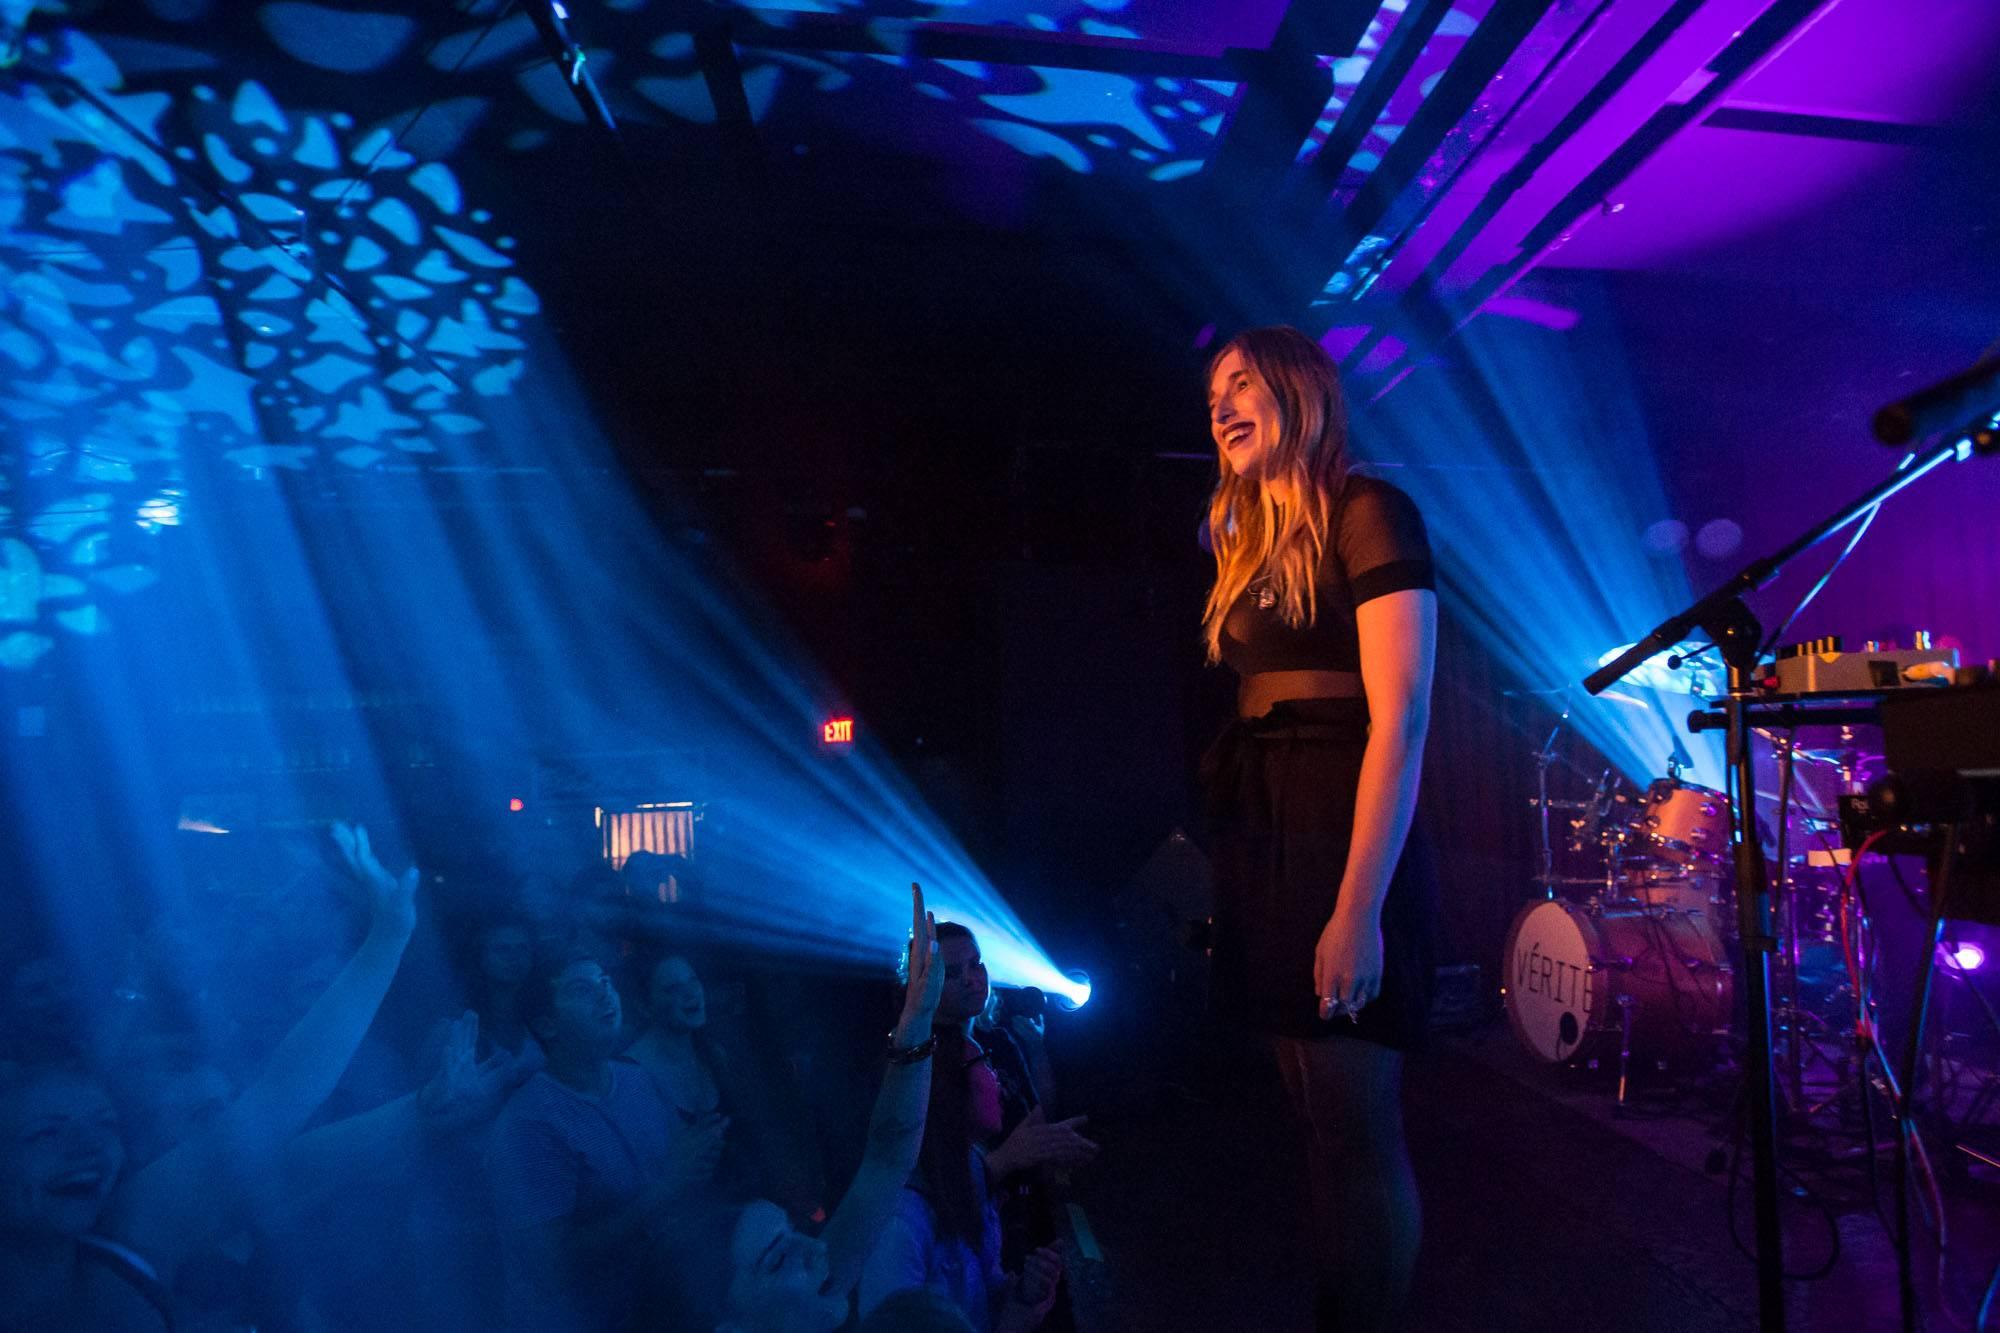 Vérité at the Cobalt Cabaret, Vancouver, Sept 2 2017. Kirk Chantraine photo.